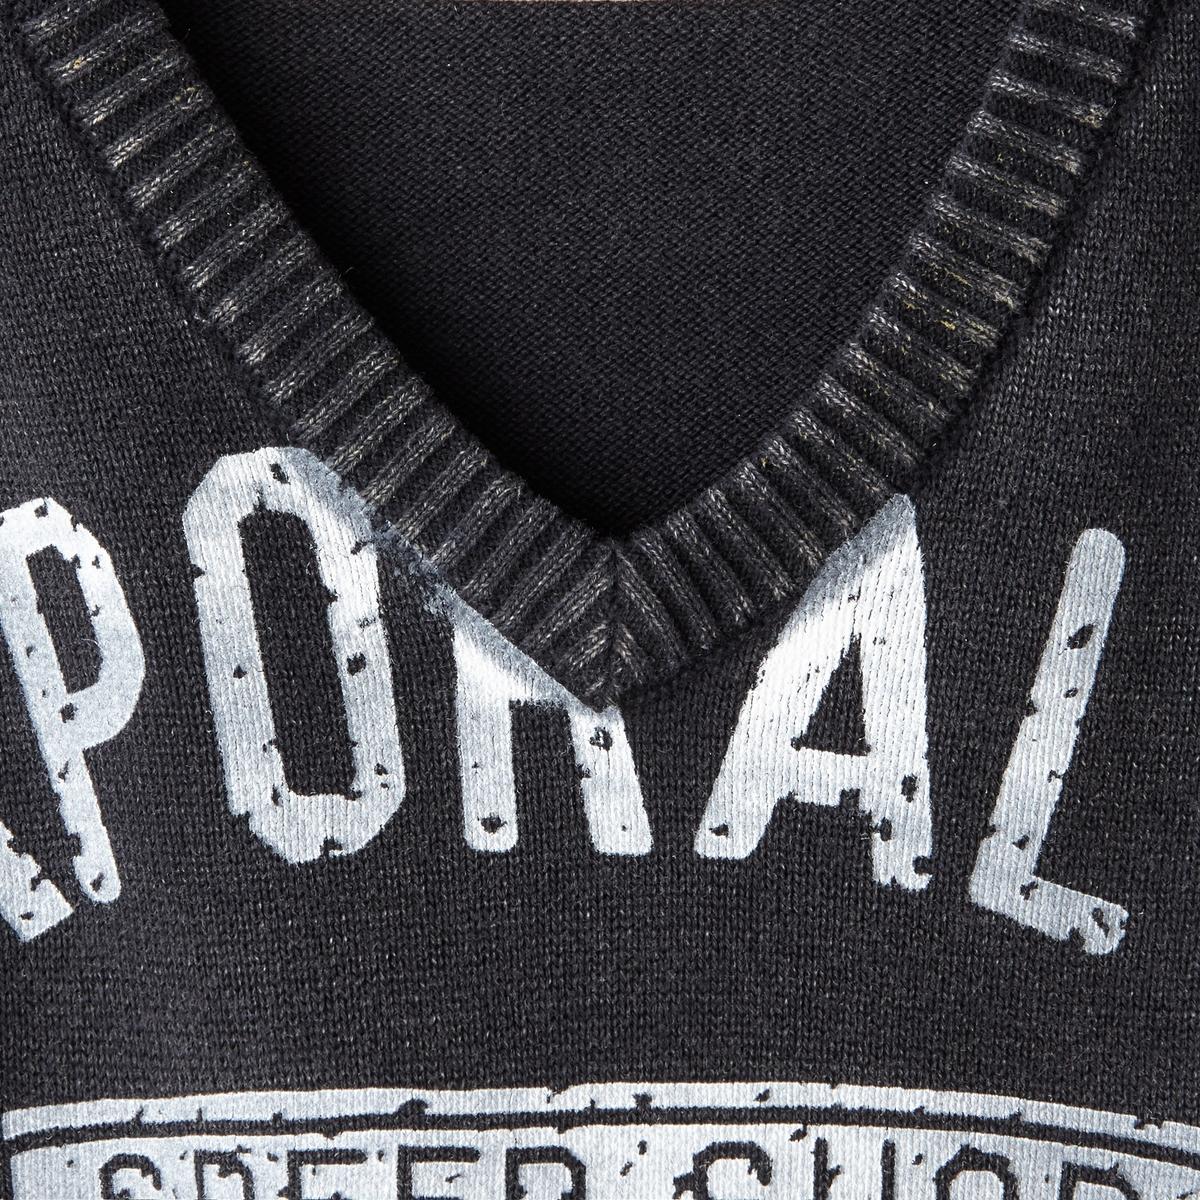 Пуловер с V-образным вырезомПуловер с V-образным вырезом KAPORAL. Прямой покрой и V-образный вырез с крупным рисунком спереди. Низ и манжеты связаны в рубчик.Состав и описание: :Материал : 100% хлопка.Марка :  KAPORAL<br><br>Цвет: черный<br>Размер: L